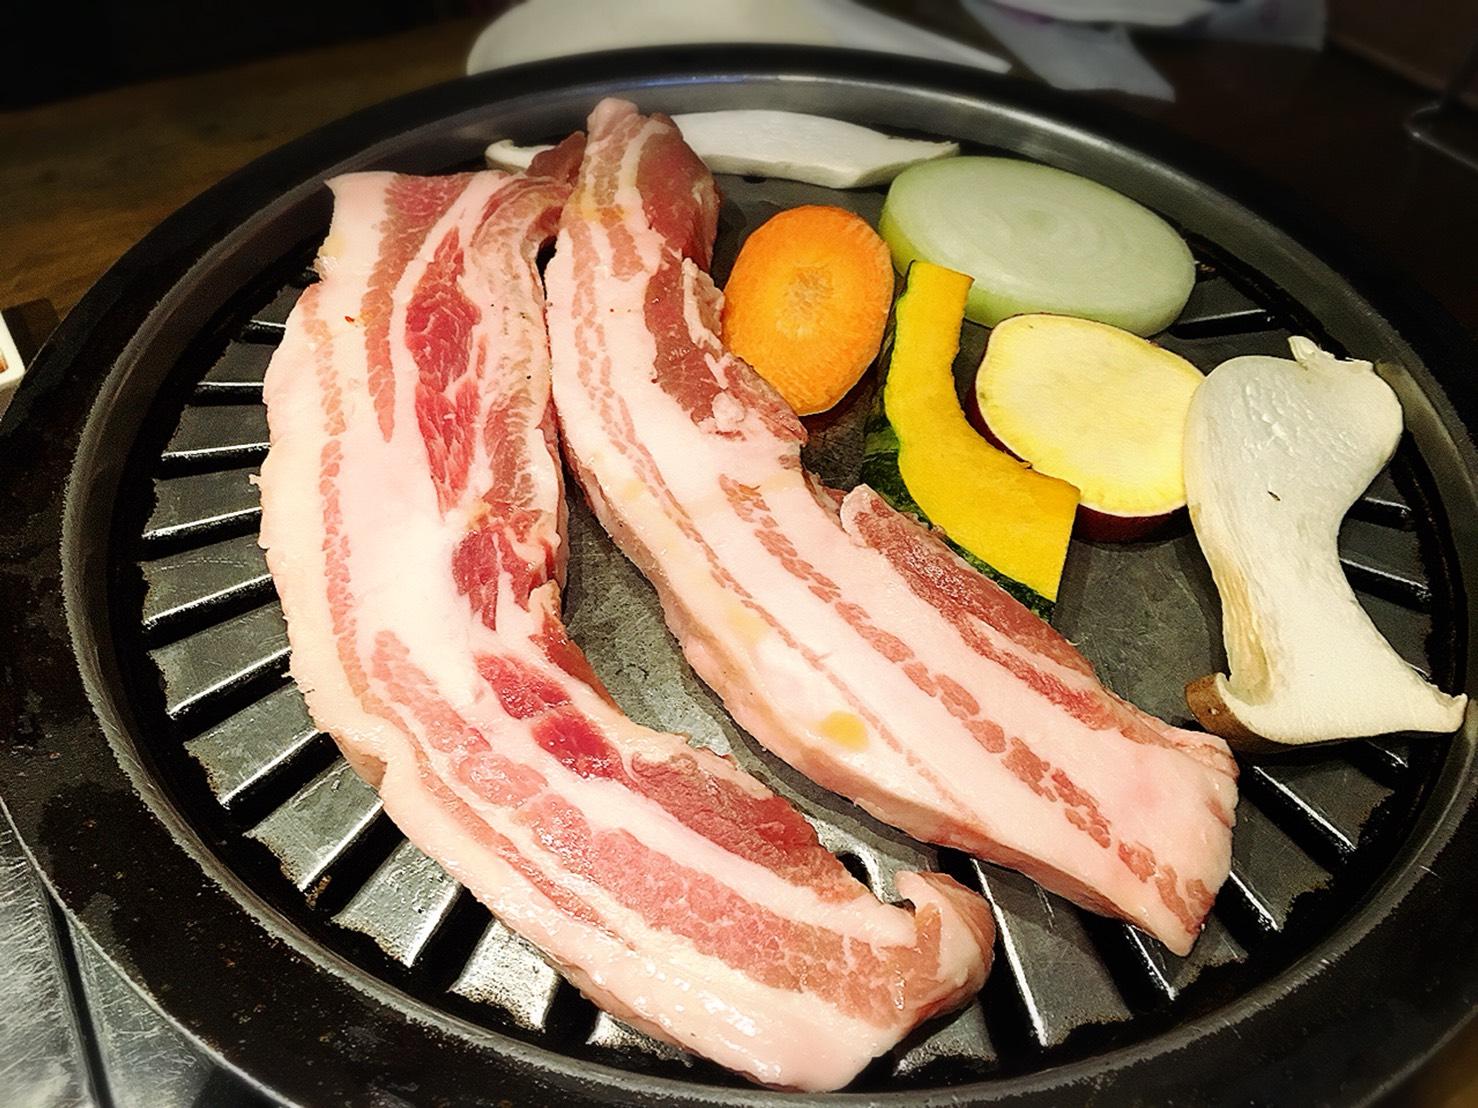 【池袋駅】あの韓国の有名人がきたことで有名!連日女の子たちで賑わう「ハヌリ 池袋」の和豚厚切りサムギョプサルセット1